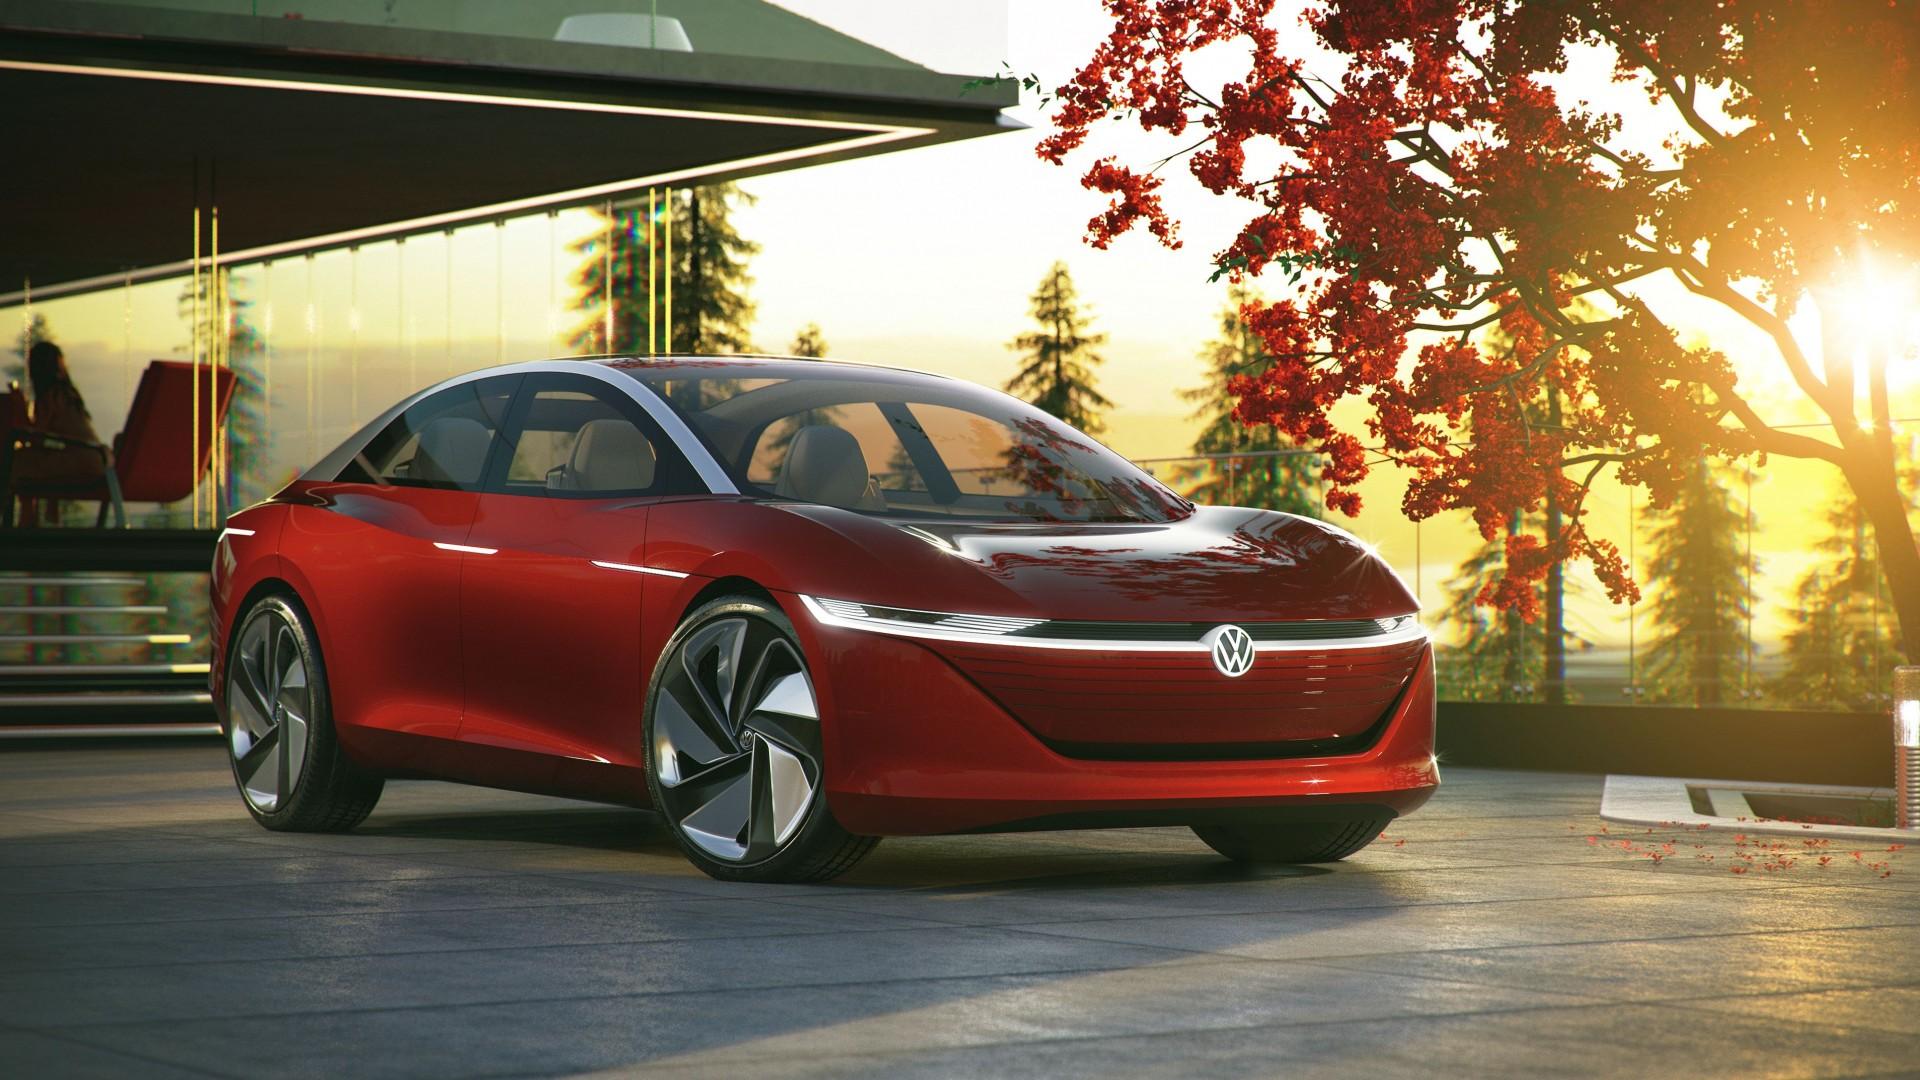 Autonome Volkswagen I D Vizzion Nieuw Topmodel Elektrische I D Serie